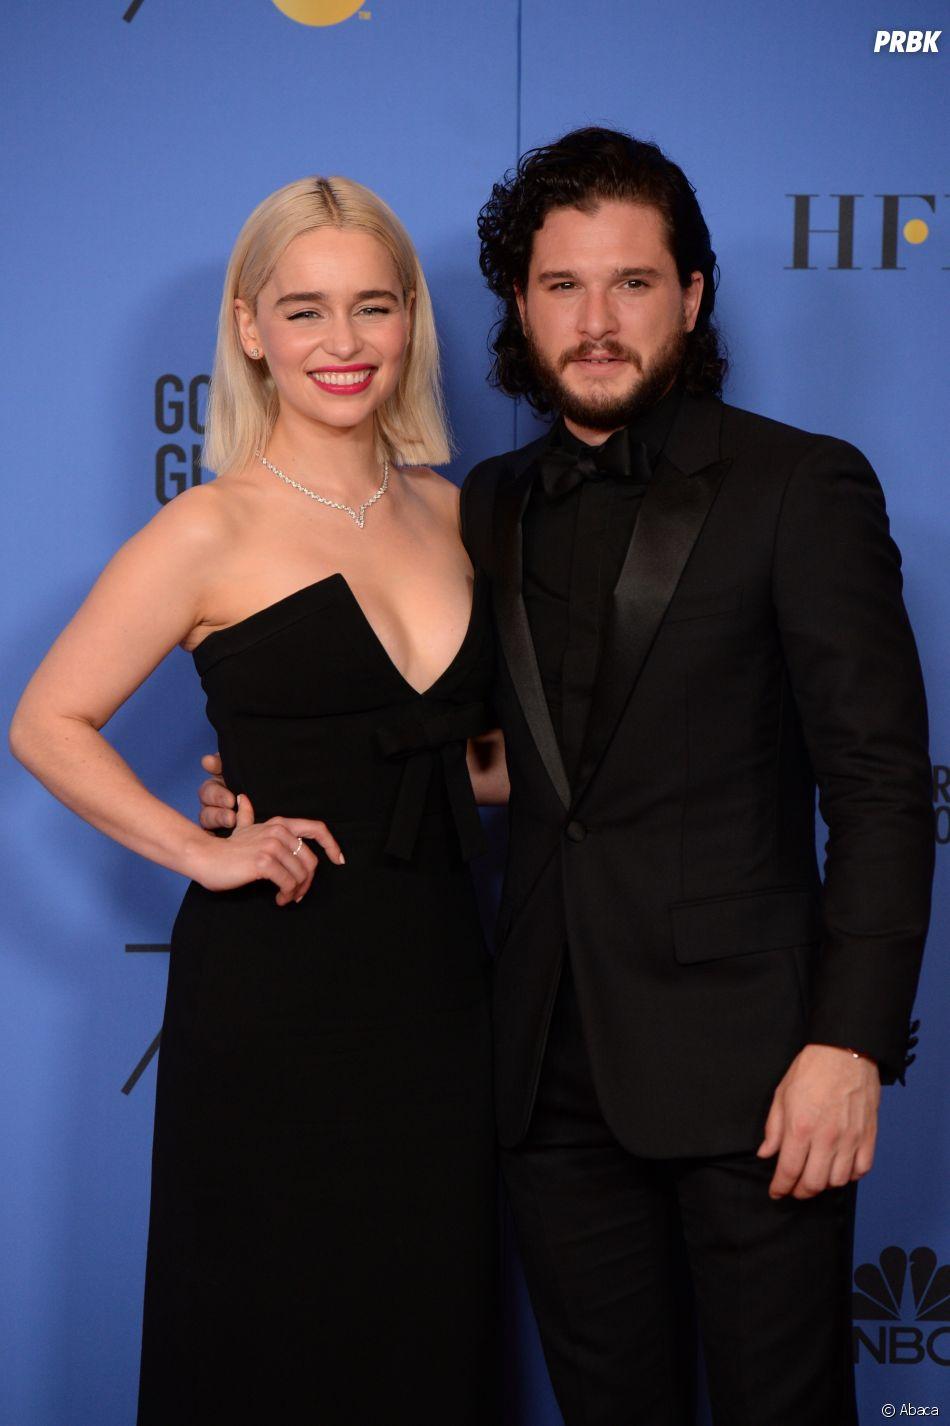 Emilia Clarke et Kit Harrington aux Golden Globes 2018 le 7 janvier à Los Angeles